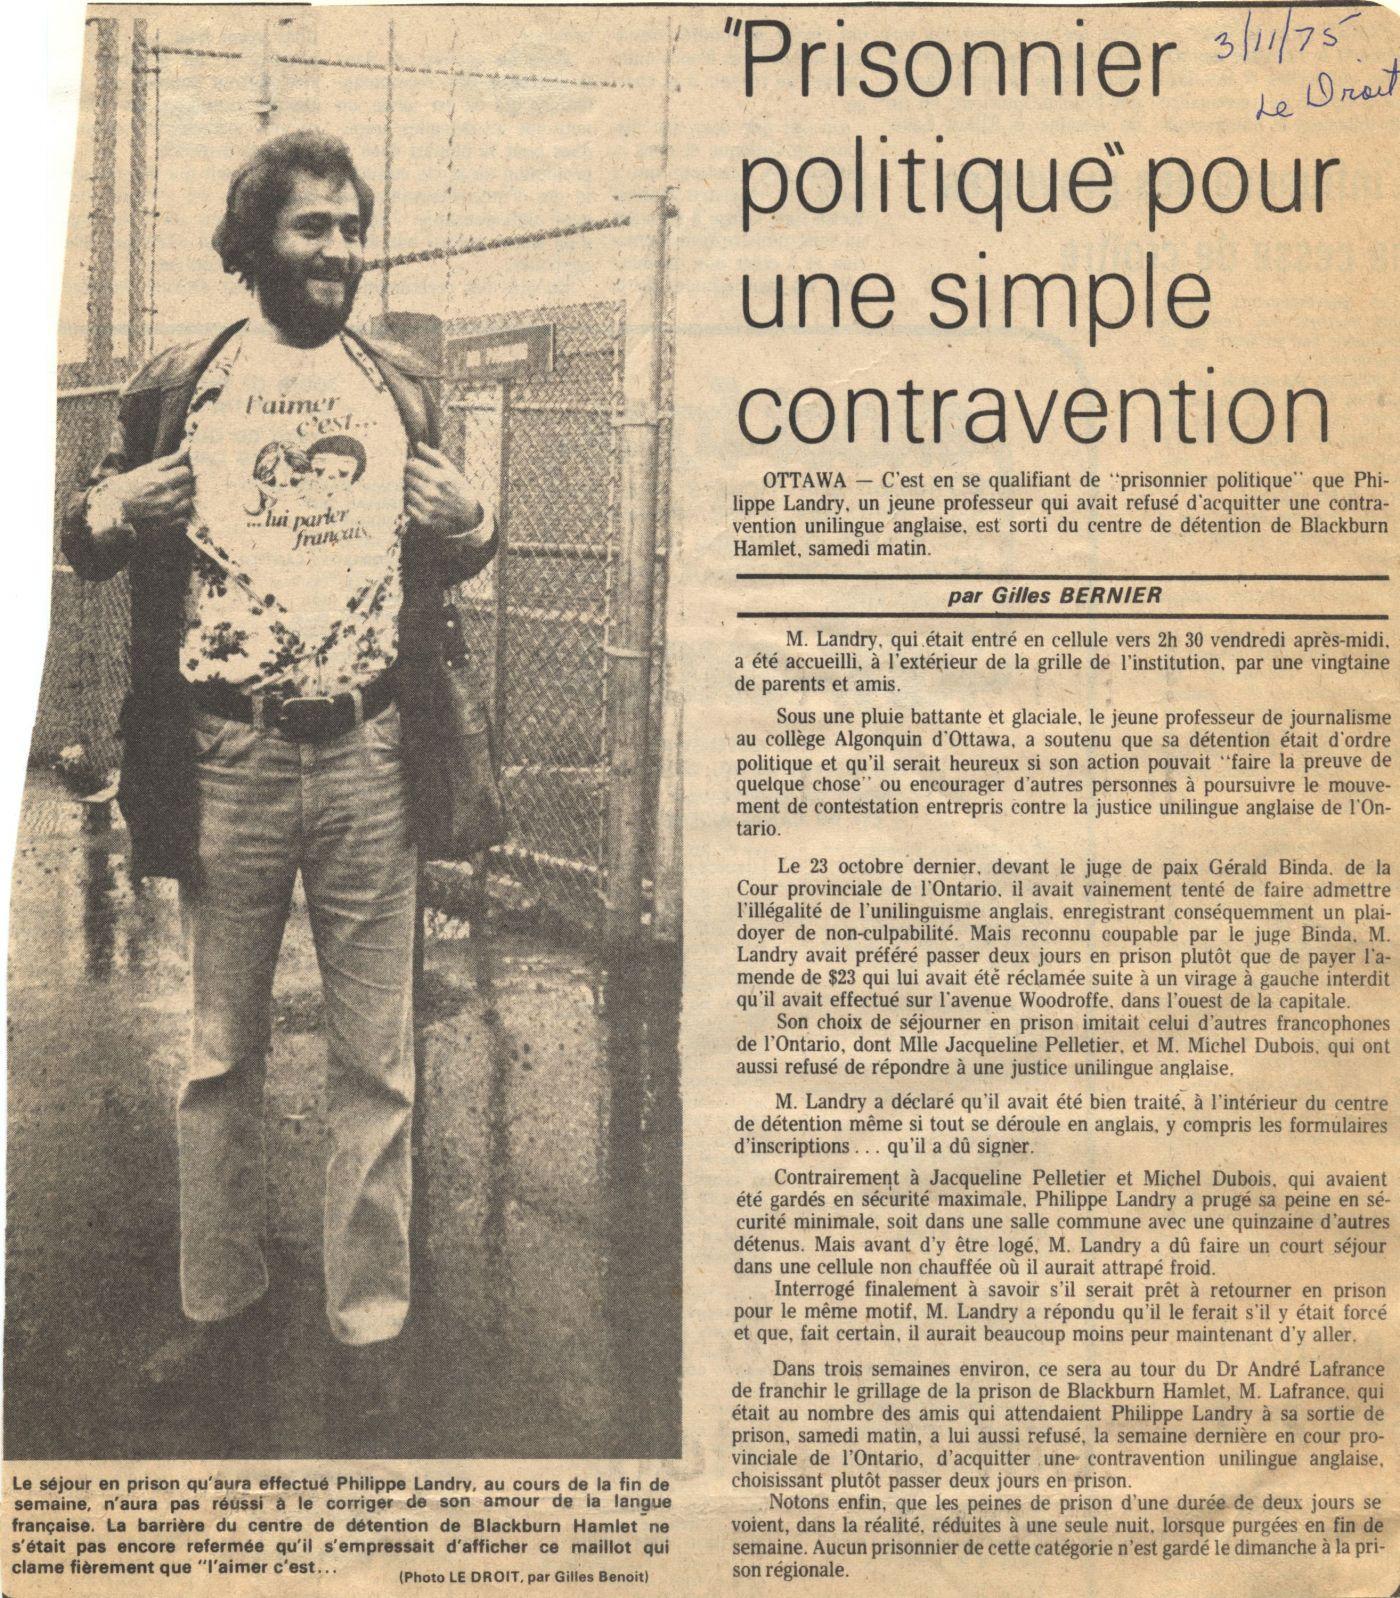 Article de journal rédigé en français, avec la source et la date inscrites à la main à l'encre bleue. L'article est accompagné d'une photographie en noir et blanc d'un jeune homme barbu dévoilant un tee-shirt sur lequel on lit : « L'aimer c'est… lui parler français ». À l'arrière-plan, un grillage et un panneau affichant la directive « NO PARKING ».